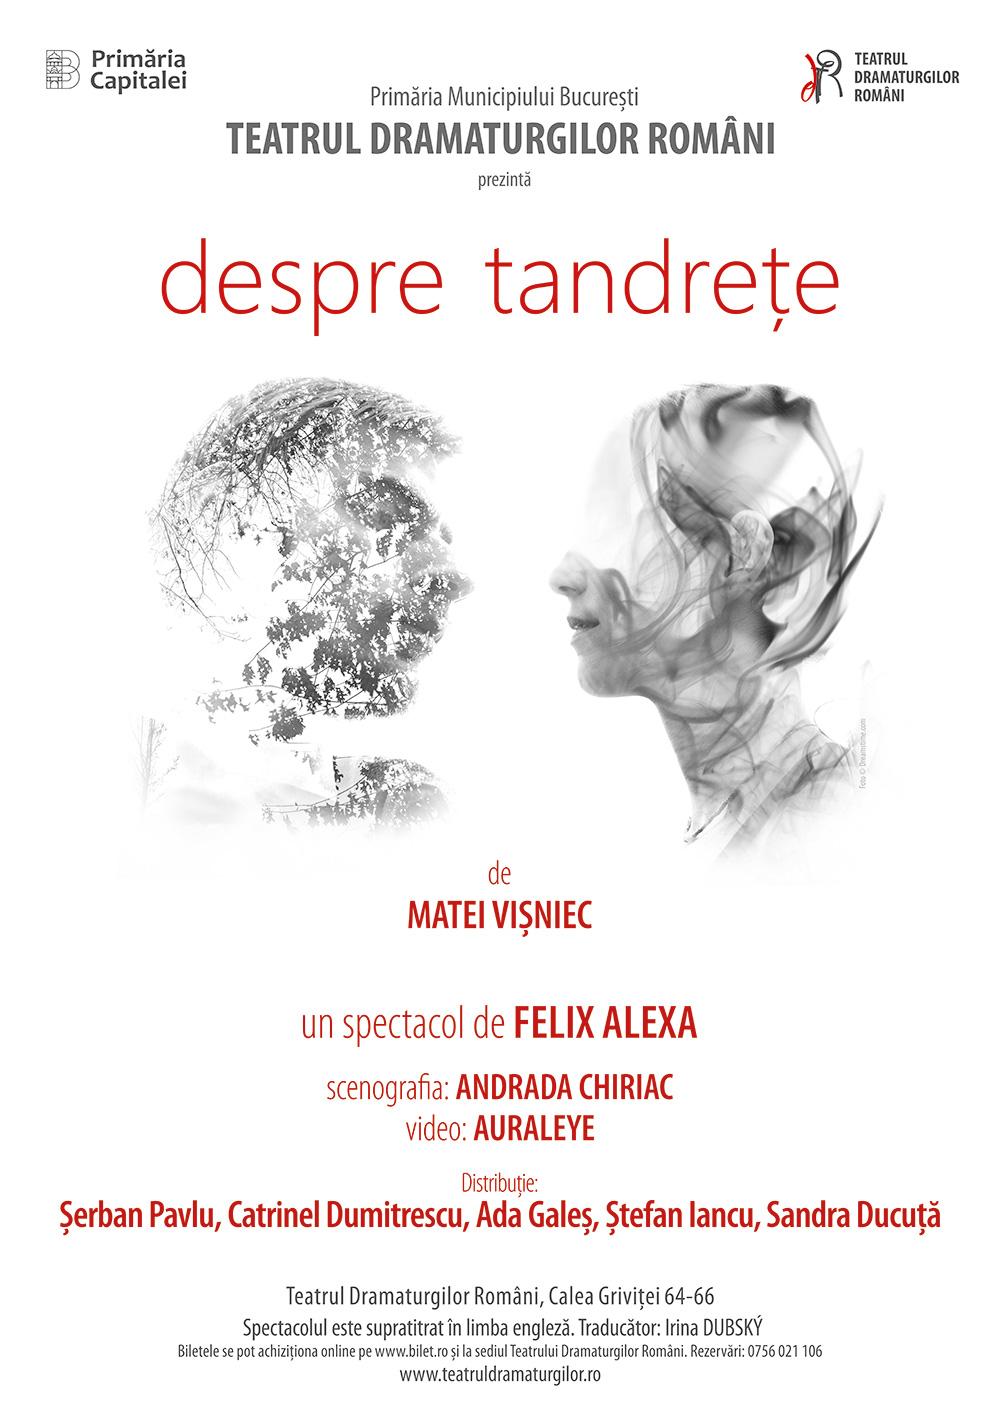 FDRC | DESPRE TANDREȚE de Matei Vișniec, regia Felix Alexa